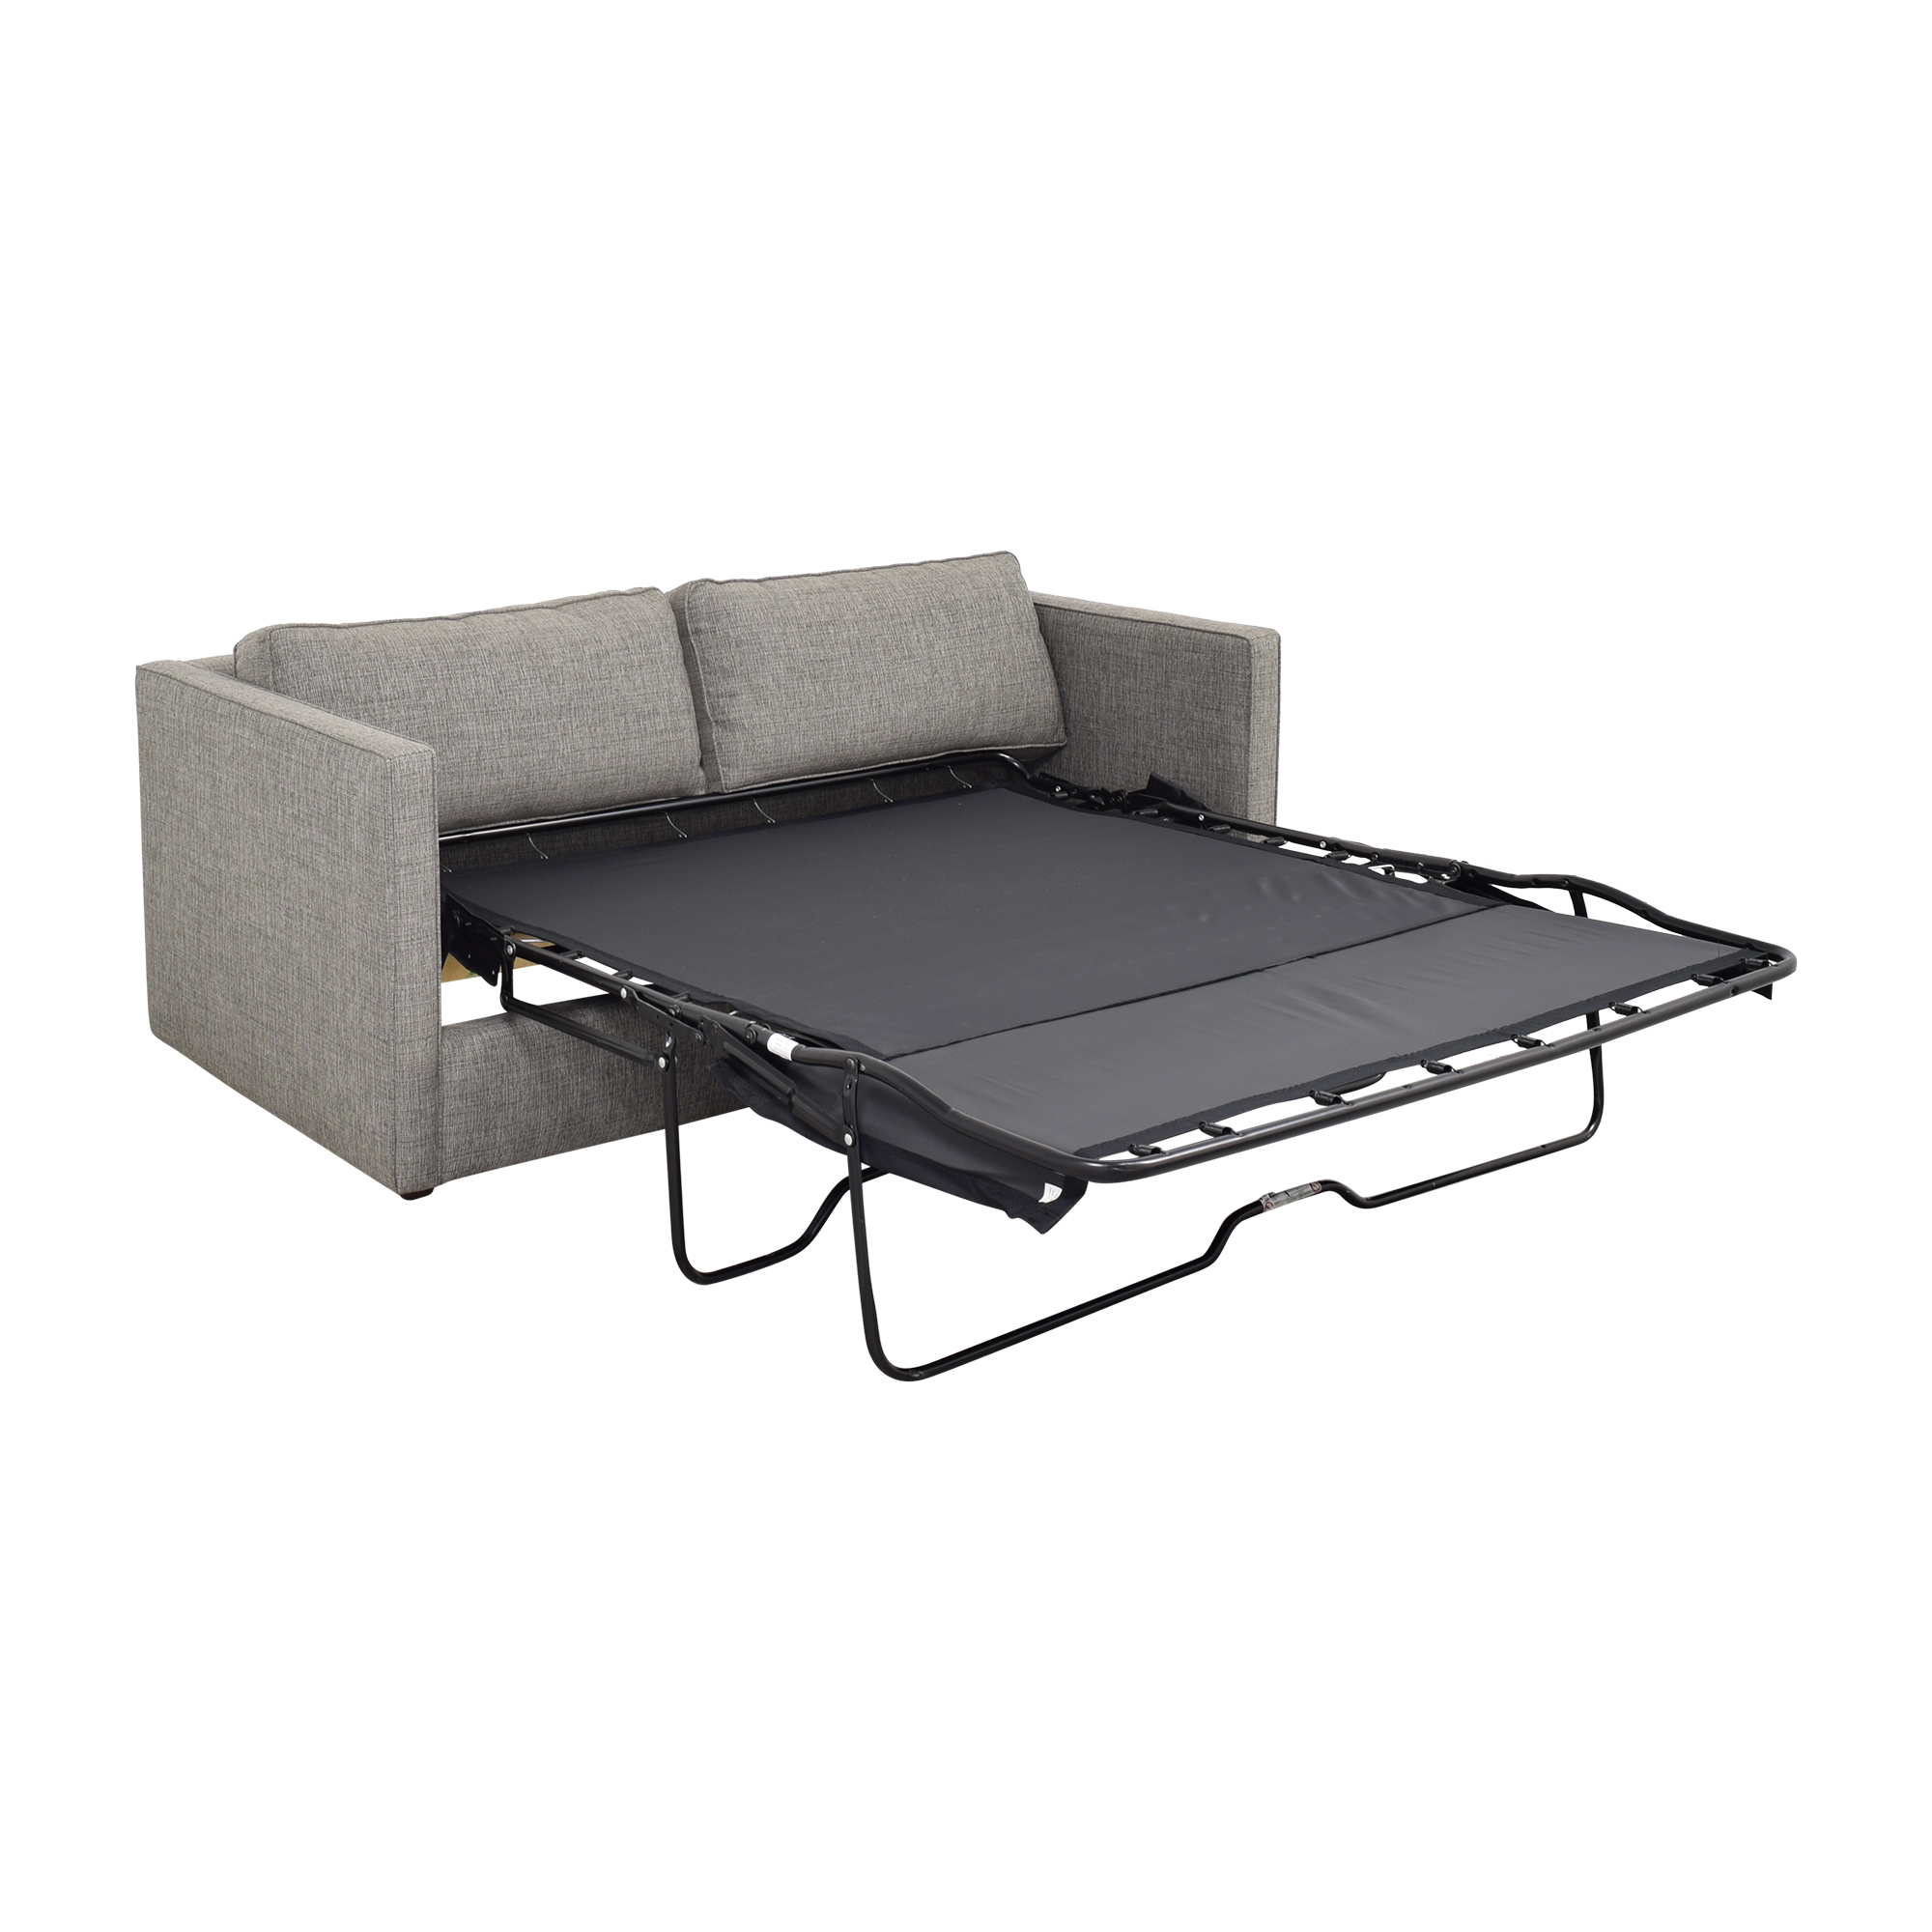 Room & Board Room & Board Watson Guest Select Sleeper Sofa ct